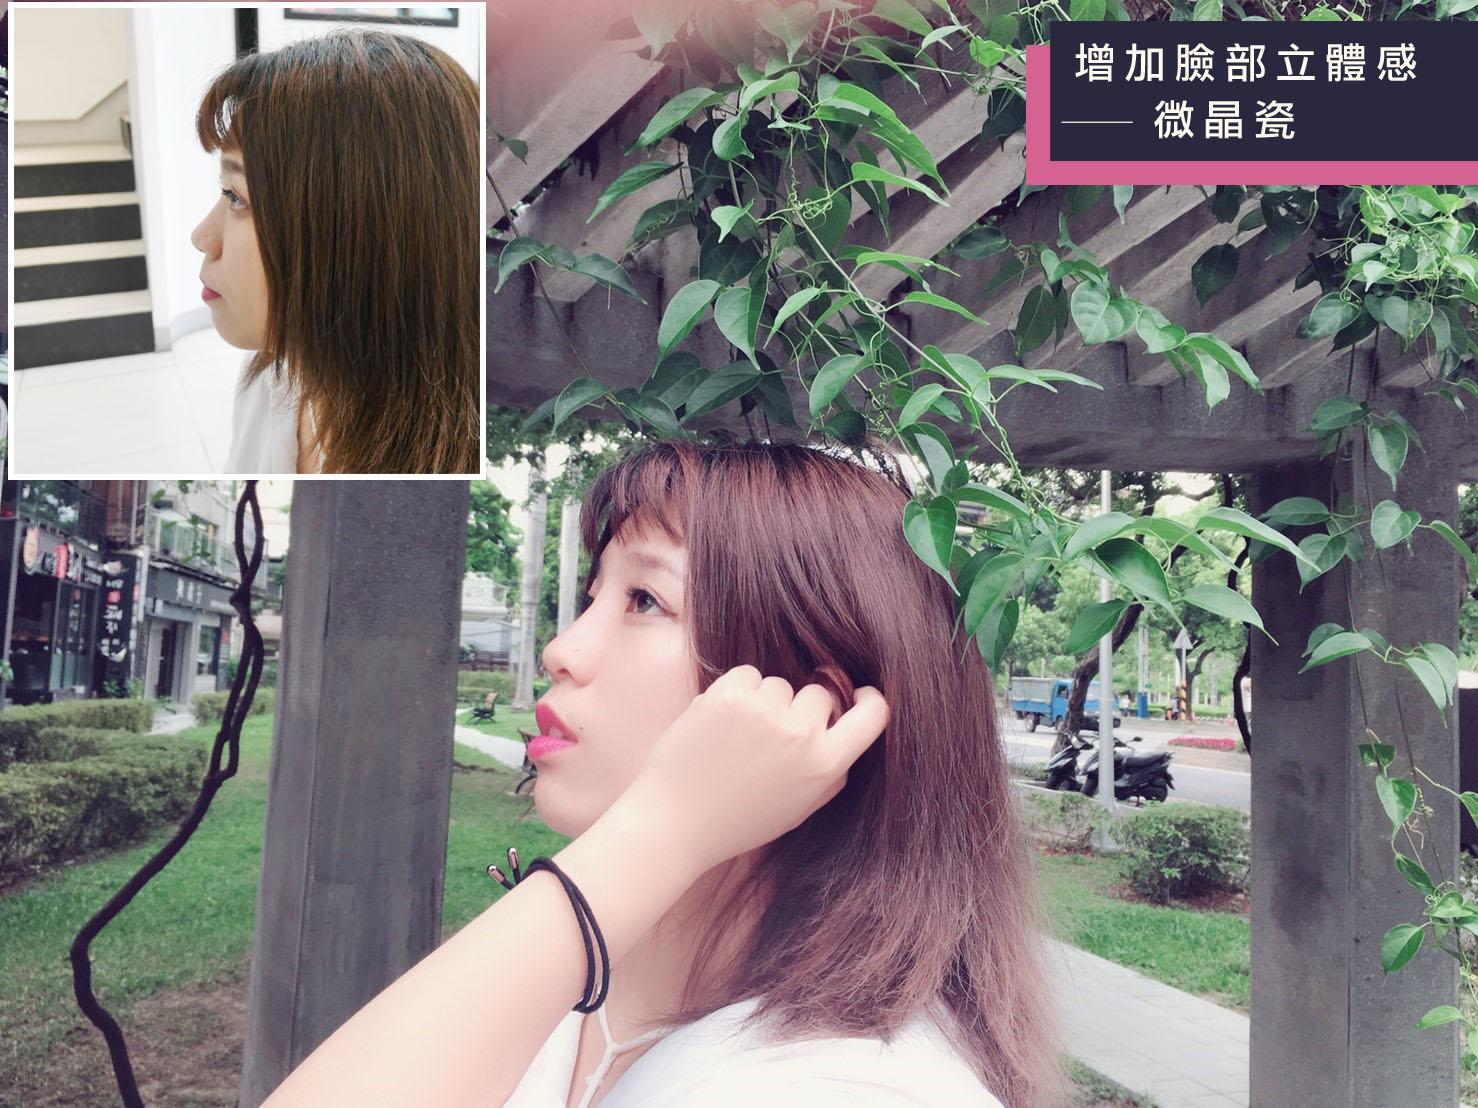 Read more about the article 不動刀挺鼻就靠微晶瓷,仿真隆鼻超自然